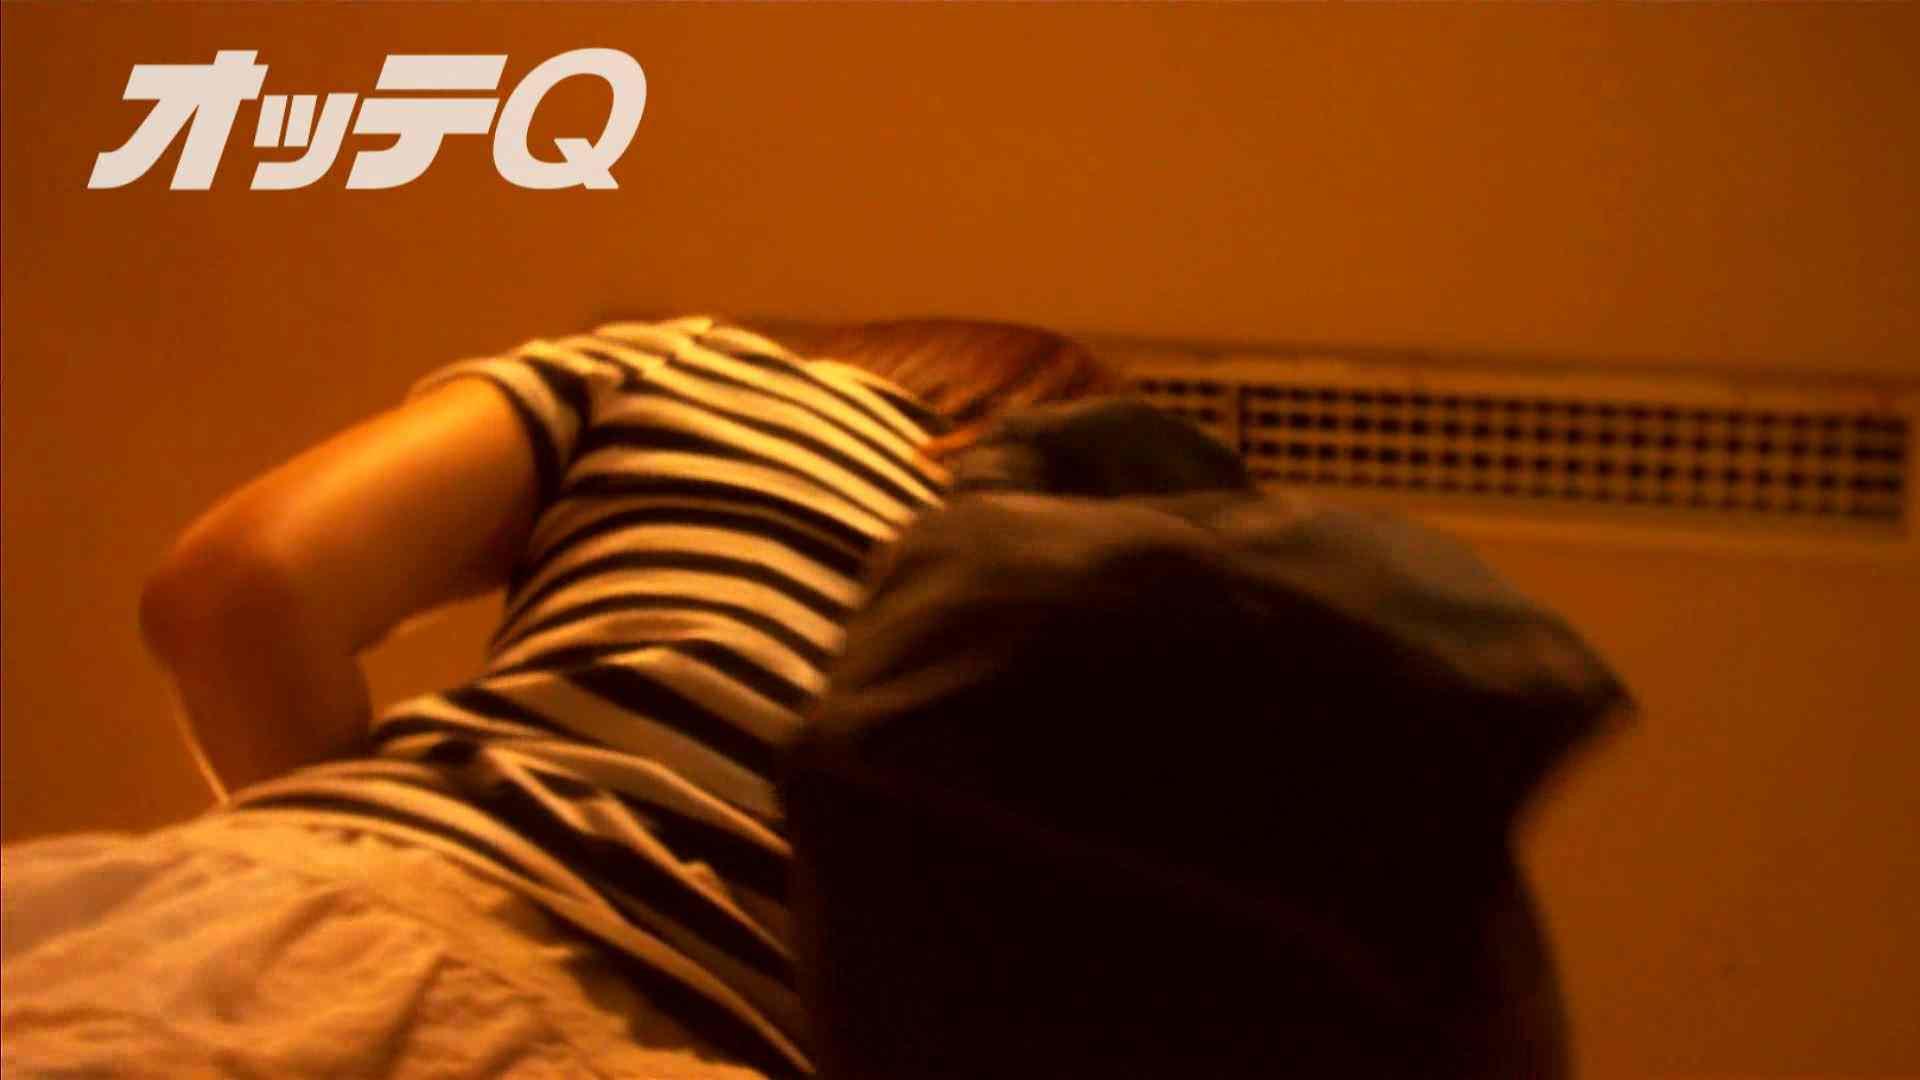 ハイビジョンパンチラ オッテQさんの追跡パンチラデパート編VOL.04 追跡 オメコ動画キャプチャ 105pic 47